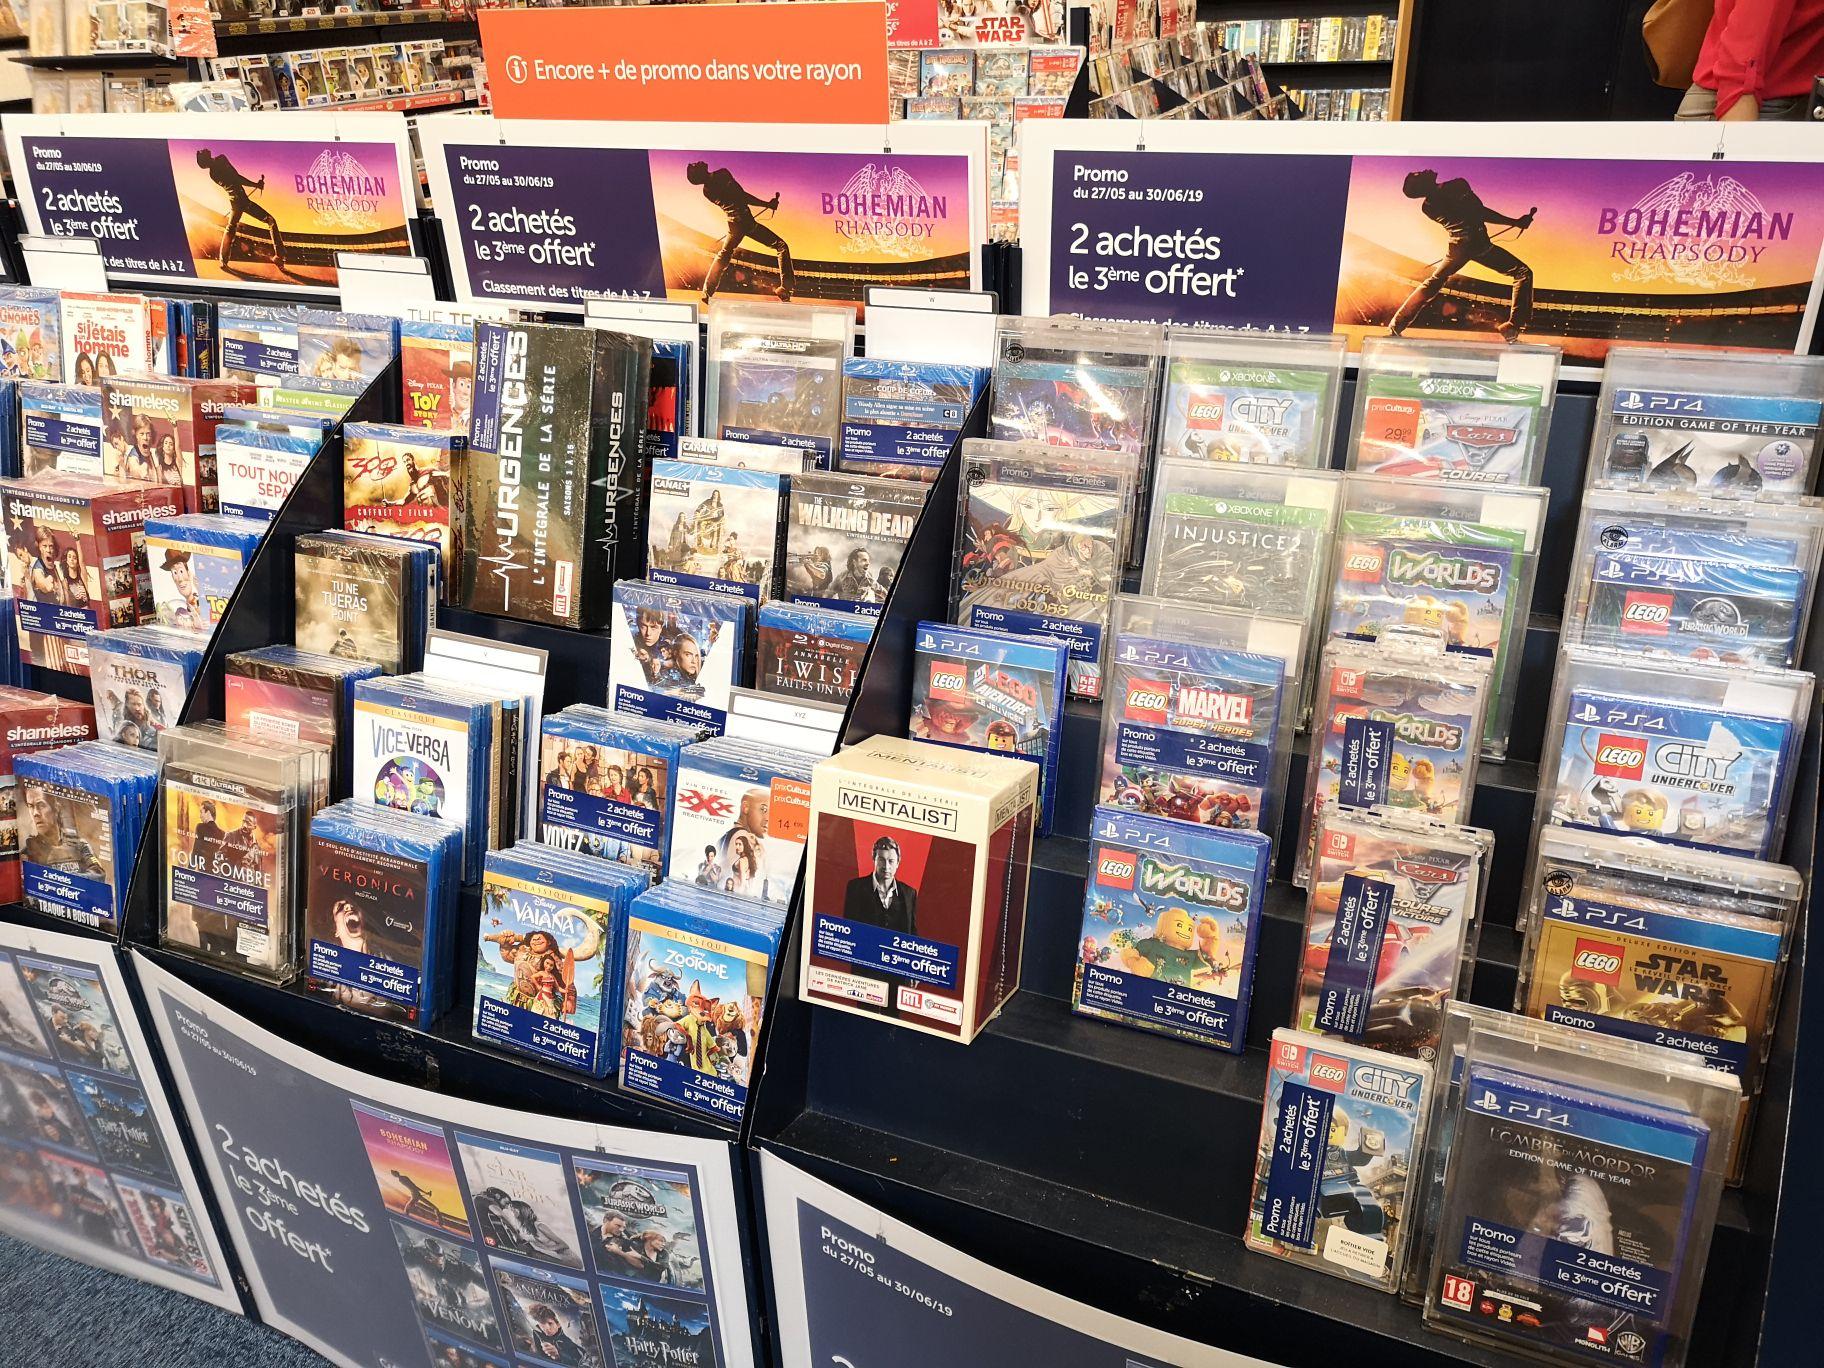 2 achetés = Ie 3ème offert sur une Sélection de jeux et Blu-ray/Blu-ray 4k